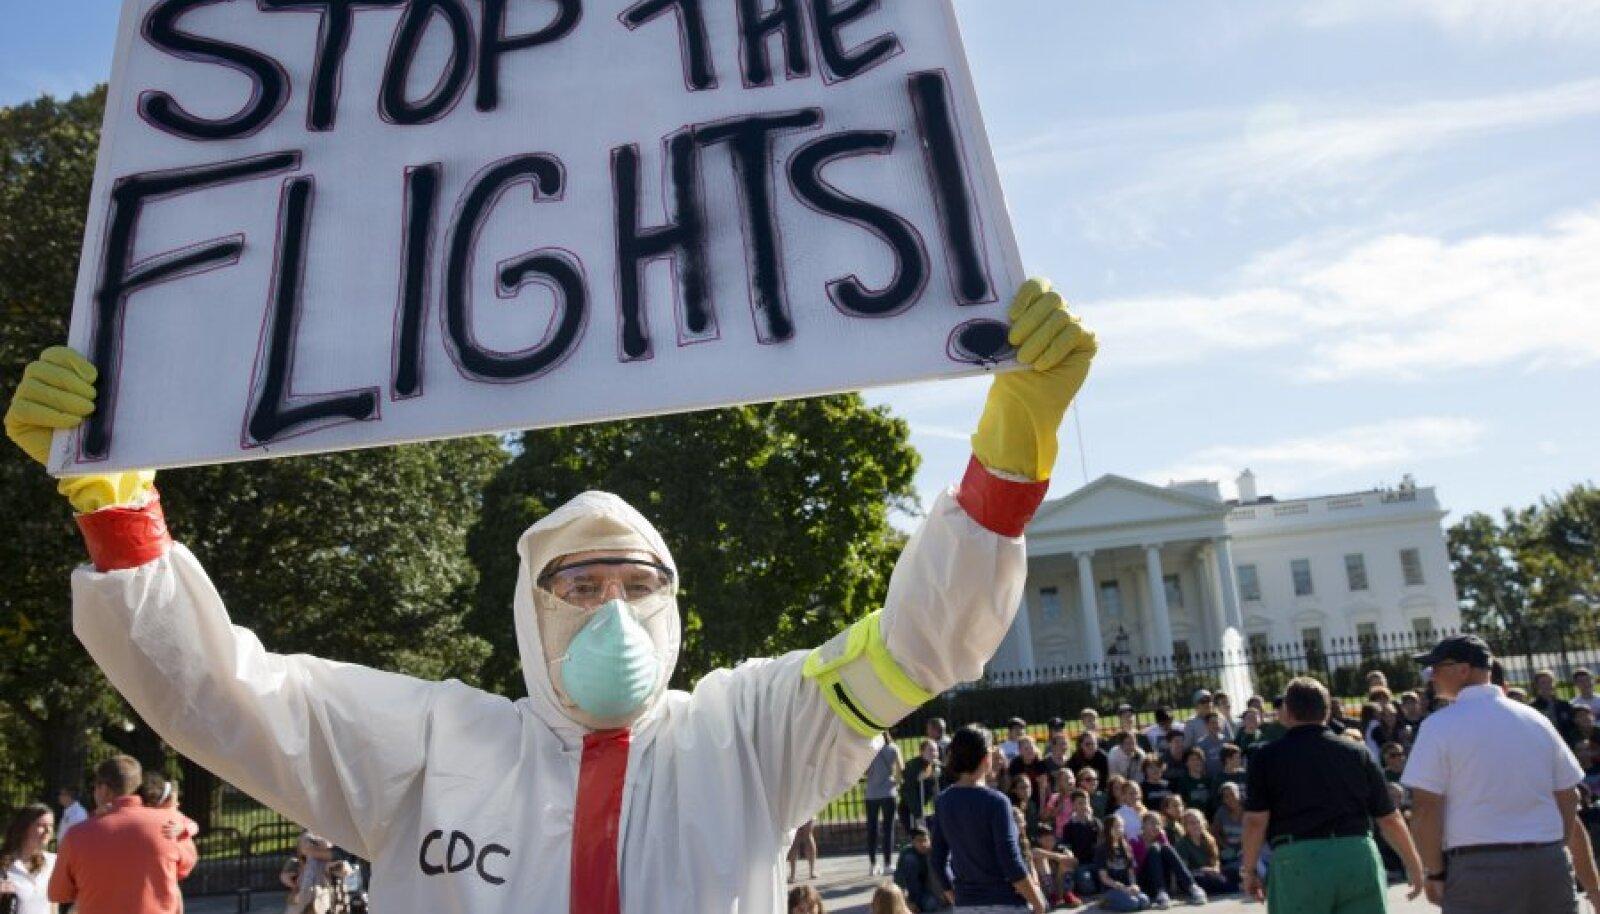 Protestija Valge Maja ees nõuab lendude lõpetamist nakkusohtlikesse piirkondadesse.